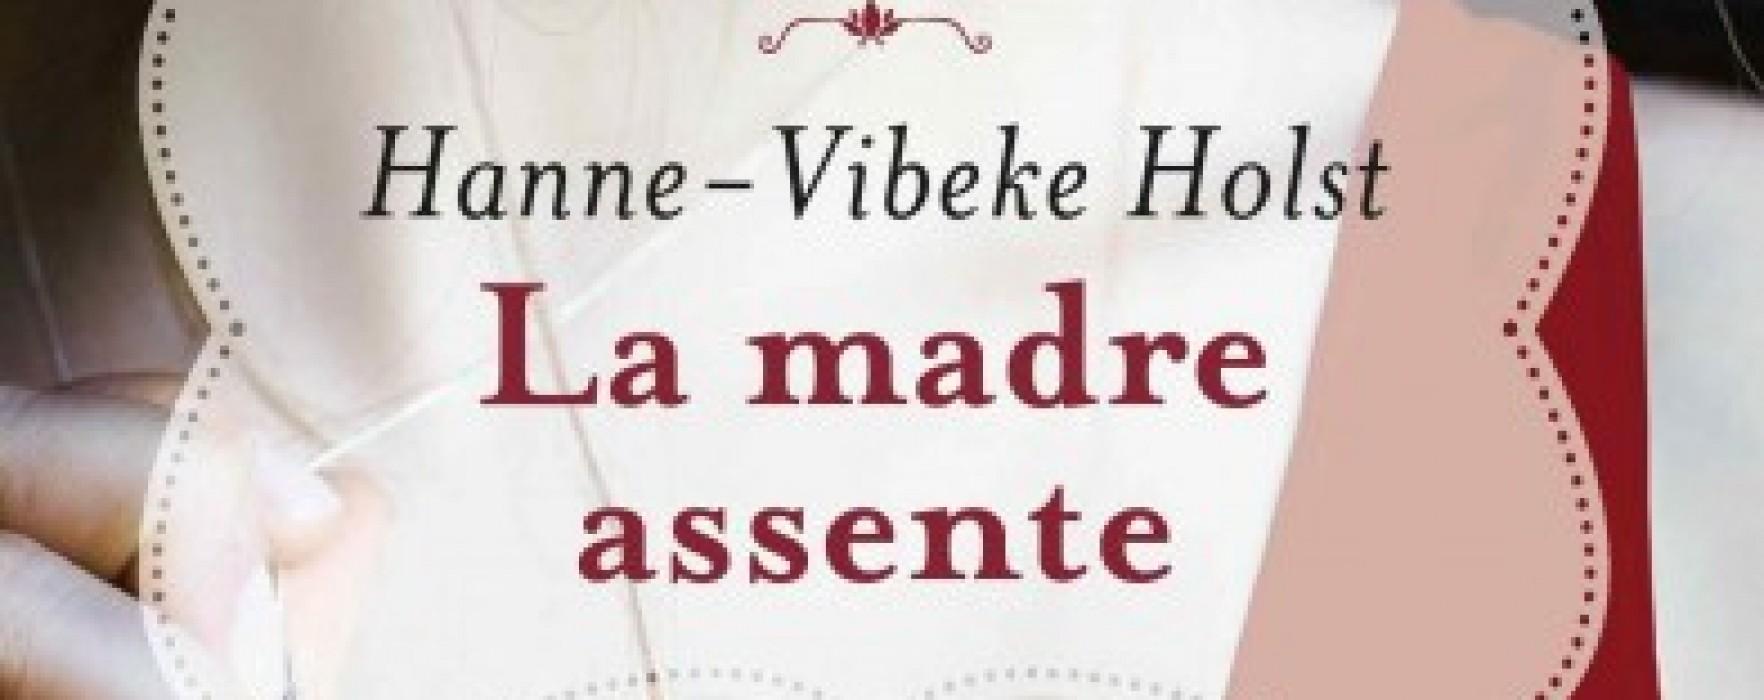 La madre assente di Hanne-Vibeke Holst